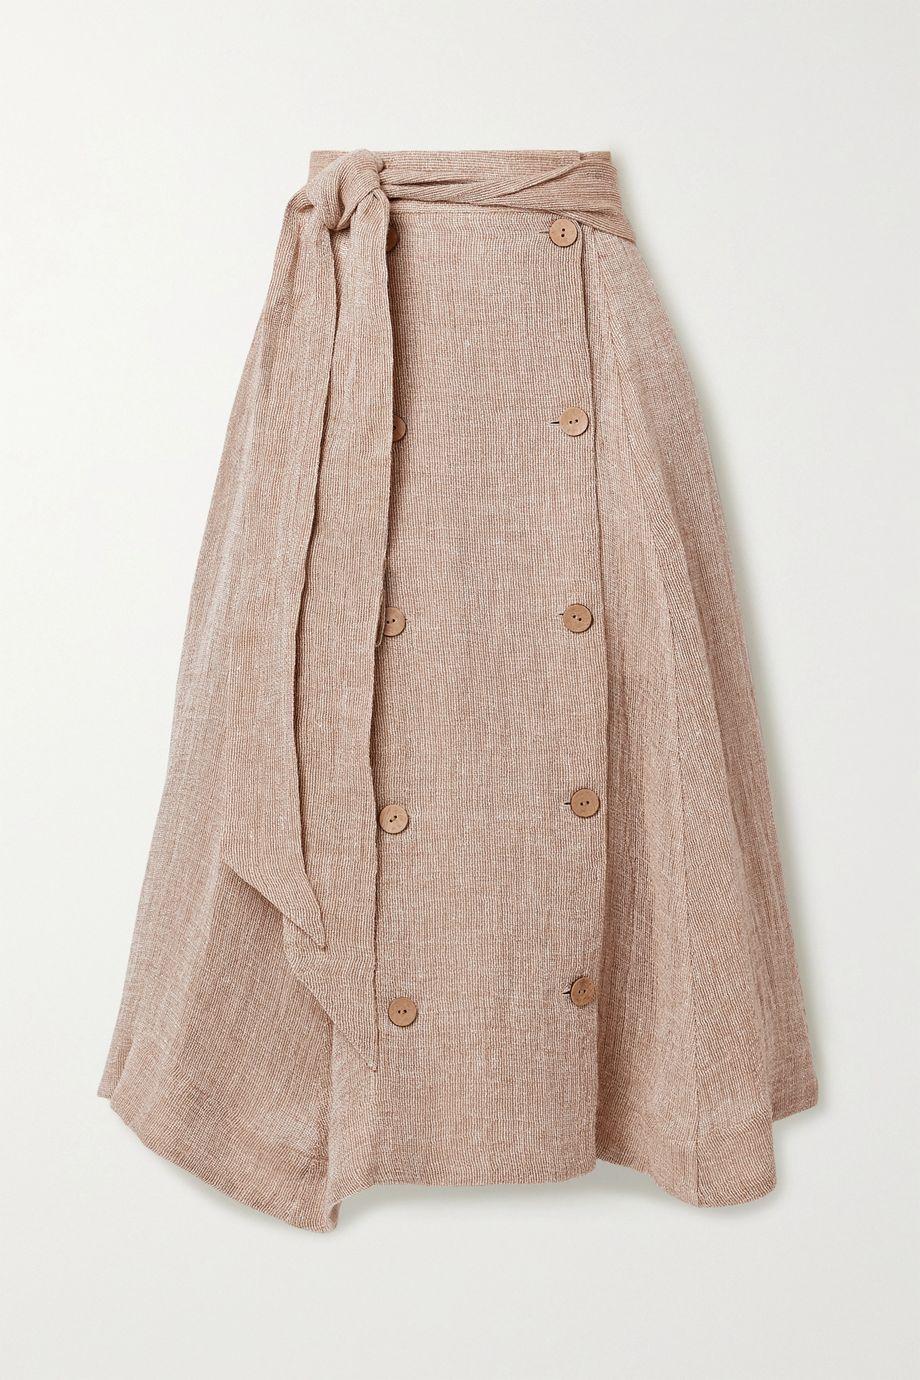 Lisa Marie Fernandez + NET SUSTAIN Diana linen-blend gauze midi skirt